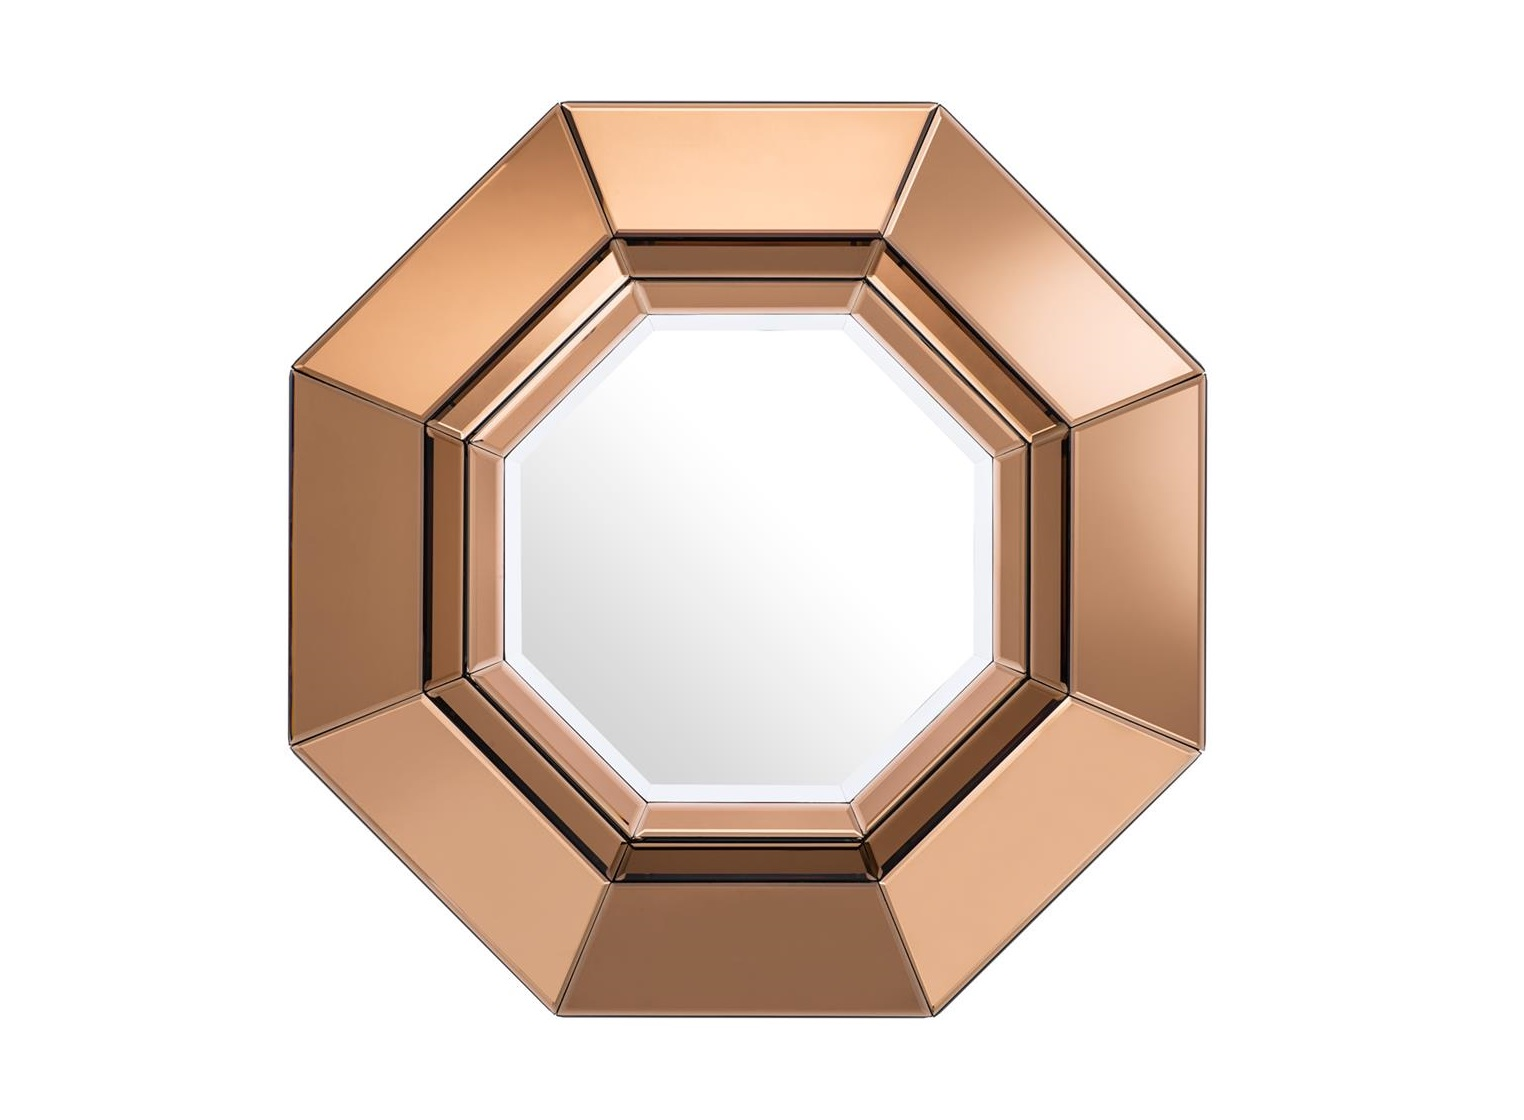 ЗеркалоНастенные зеркала<br>Зеркало Mirror Chartier в рамке из зеркального стекла янтарного цвета.<br><br>Material: Стекло<br>Высота см: 68